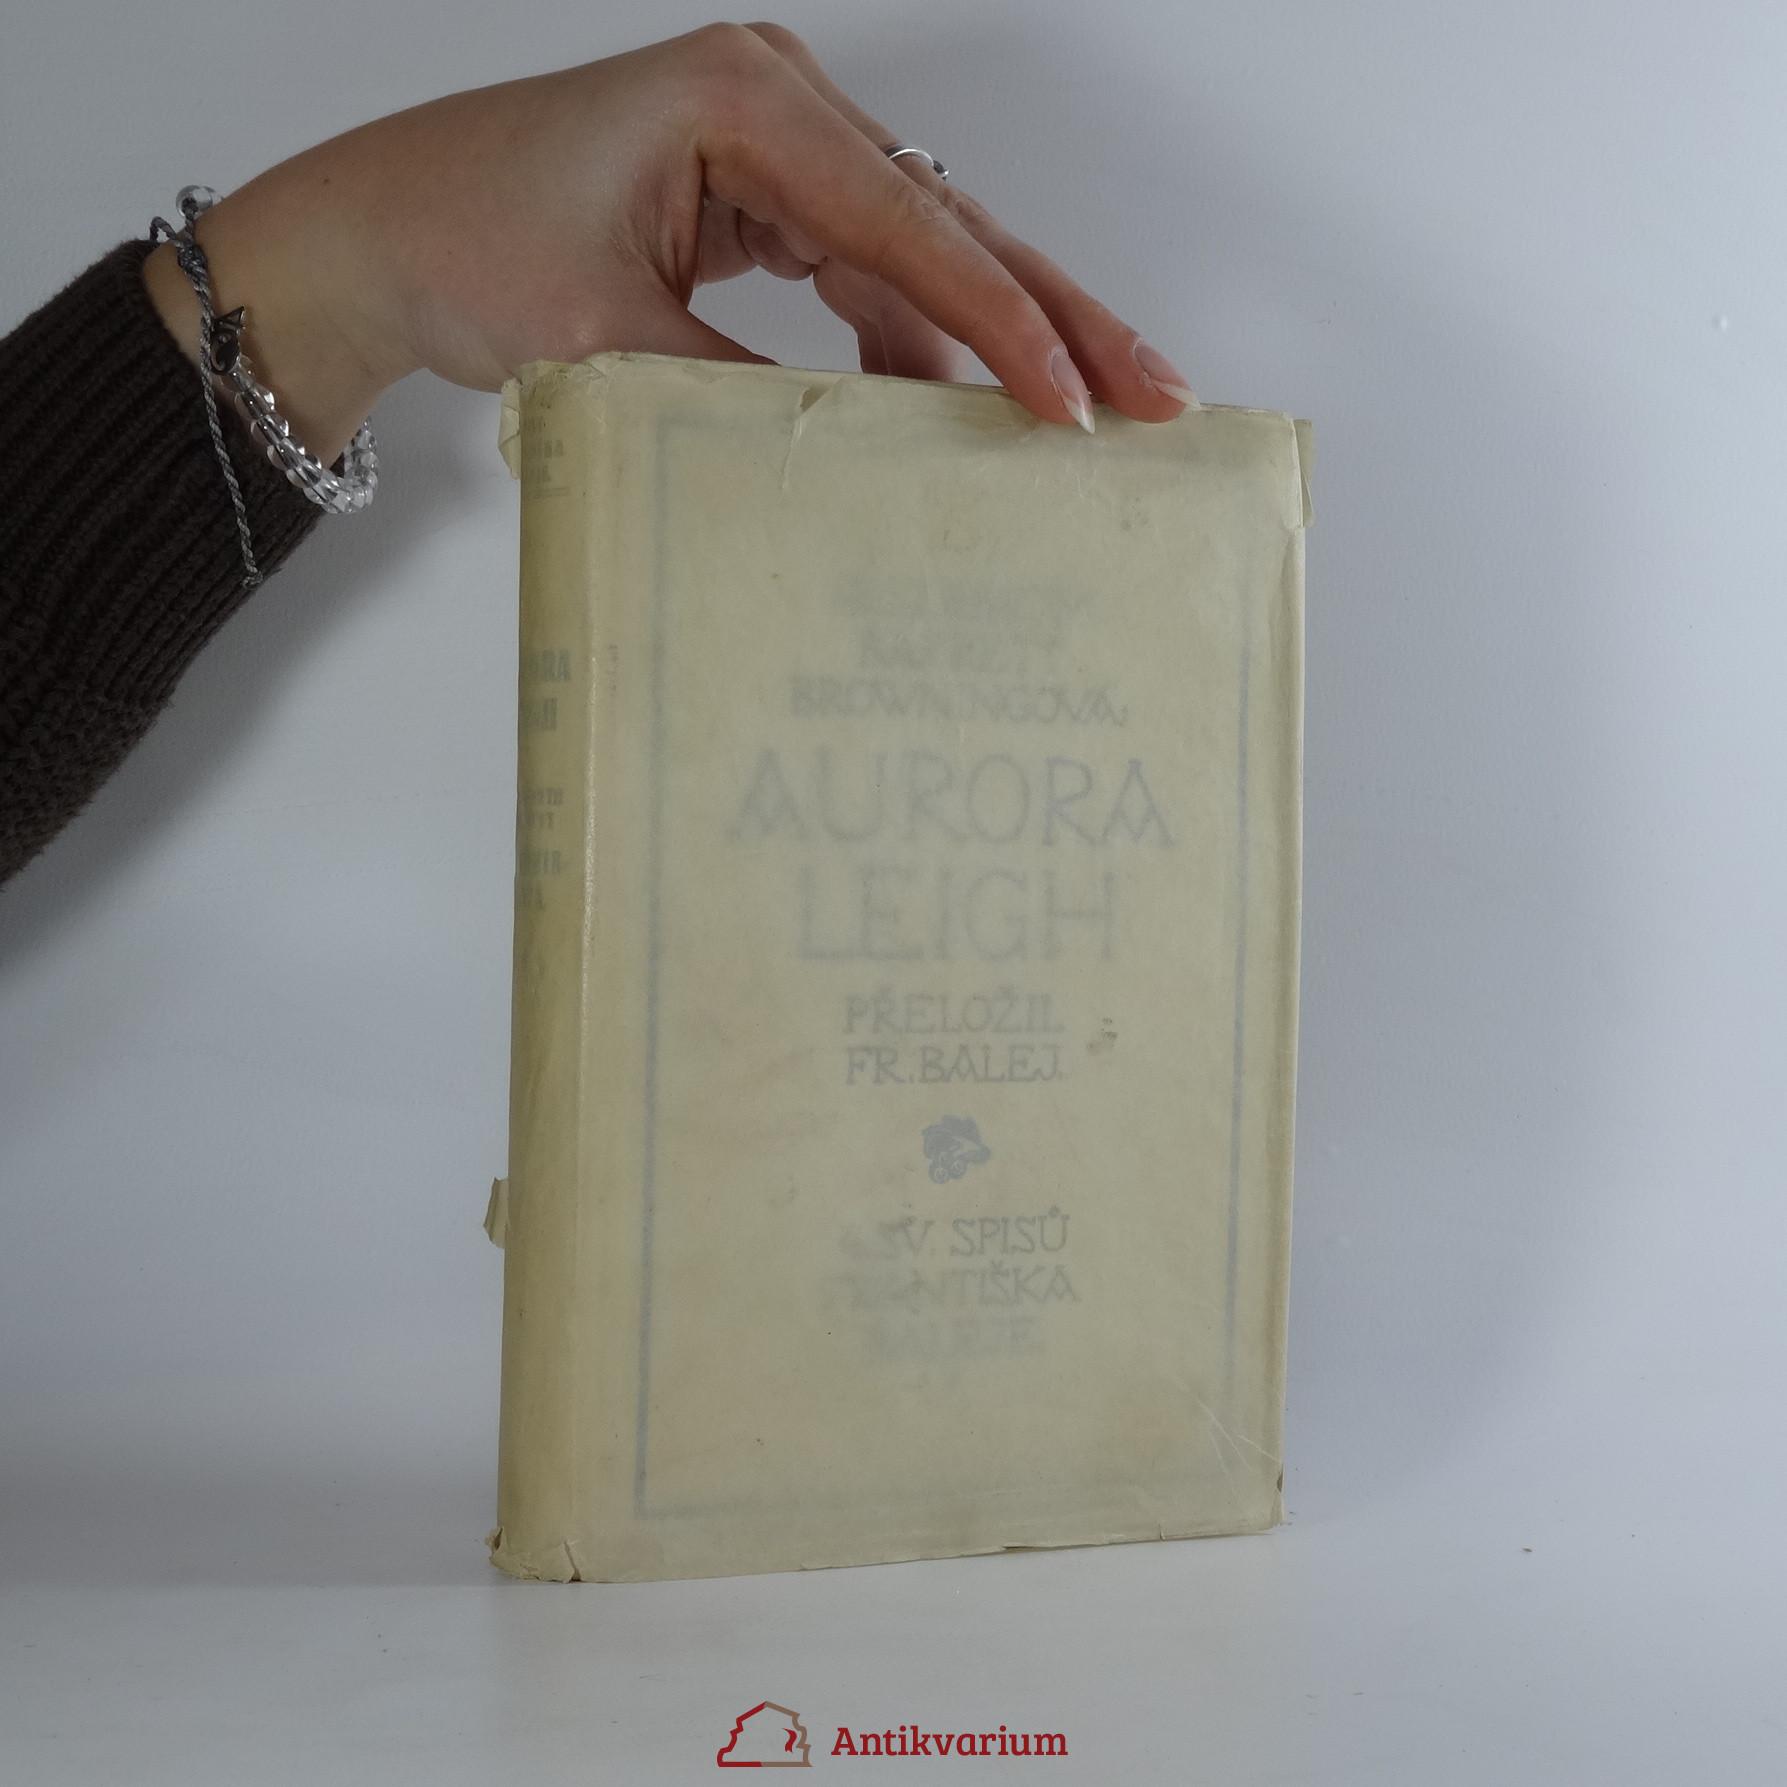 antikvární kniha Aurora Leigh, 1921